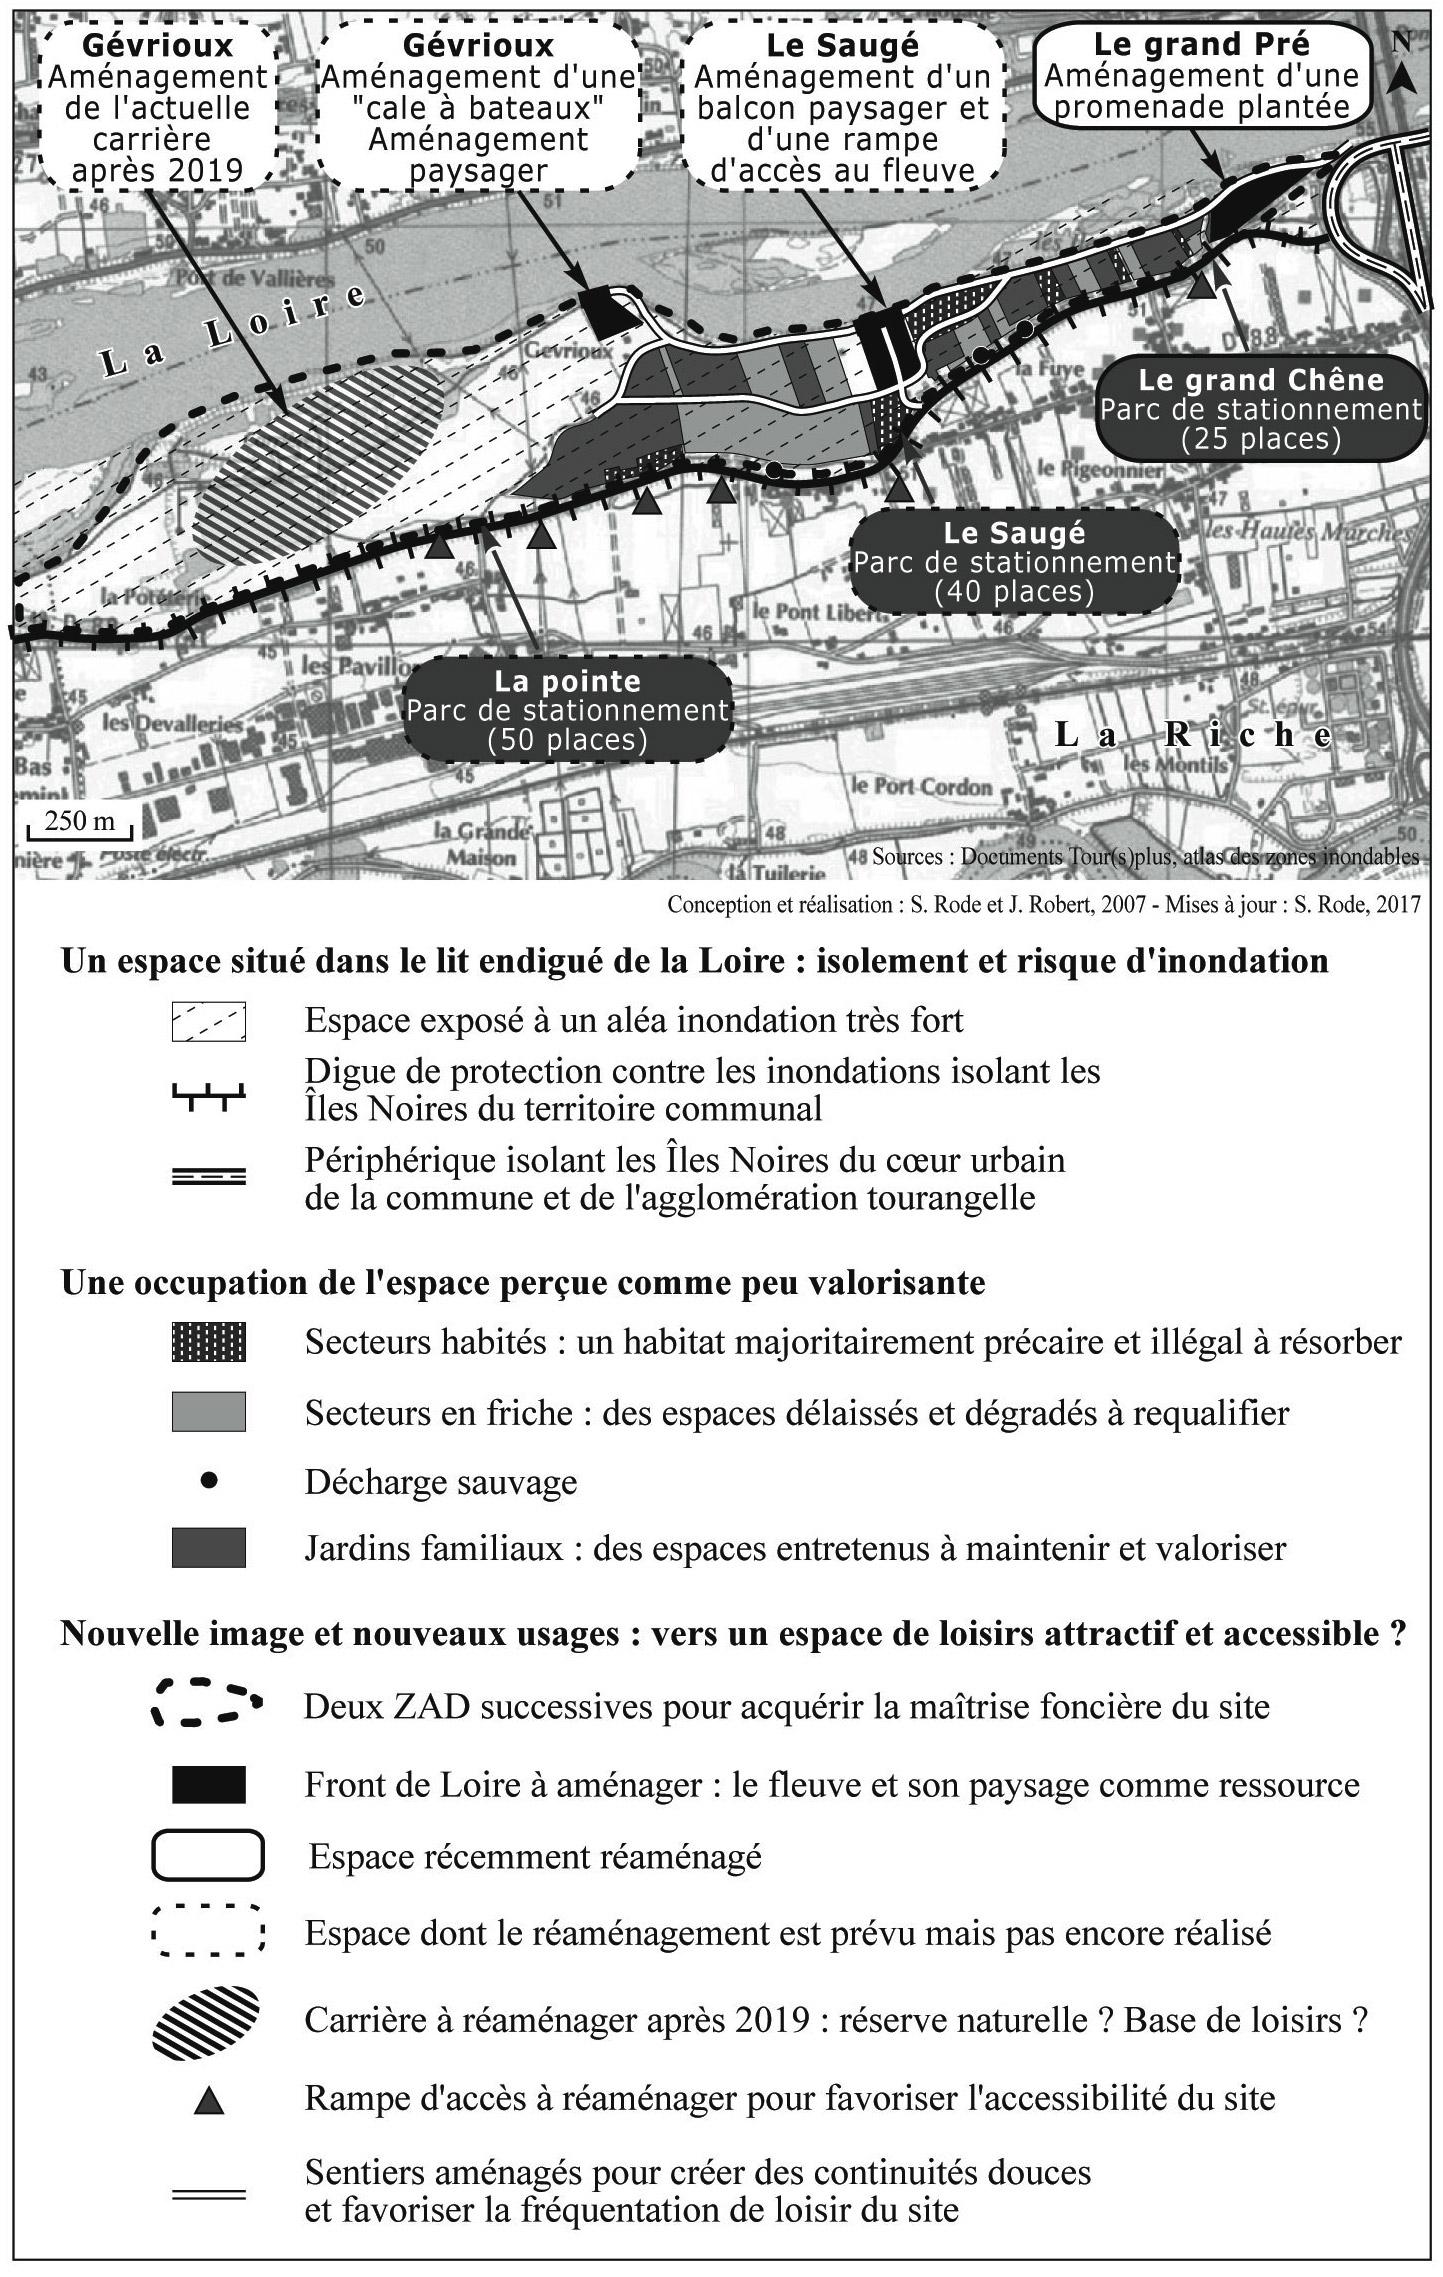 les berges fluviales secondaires : des marges urbaines à résorber ?